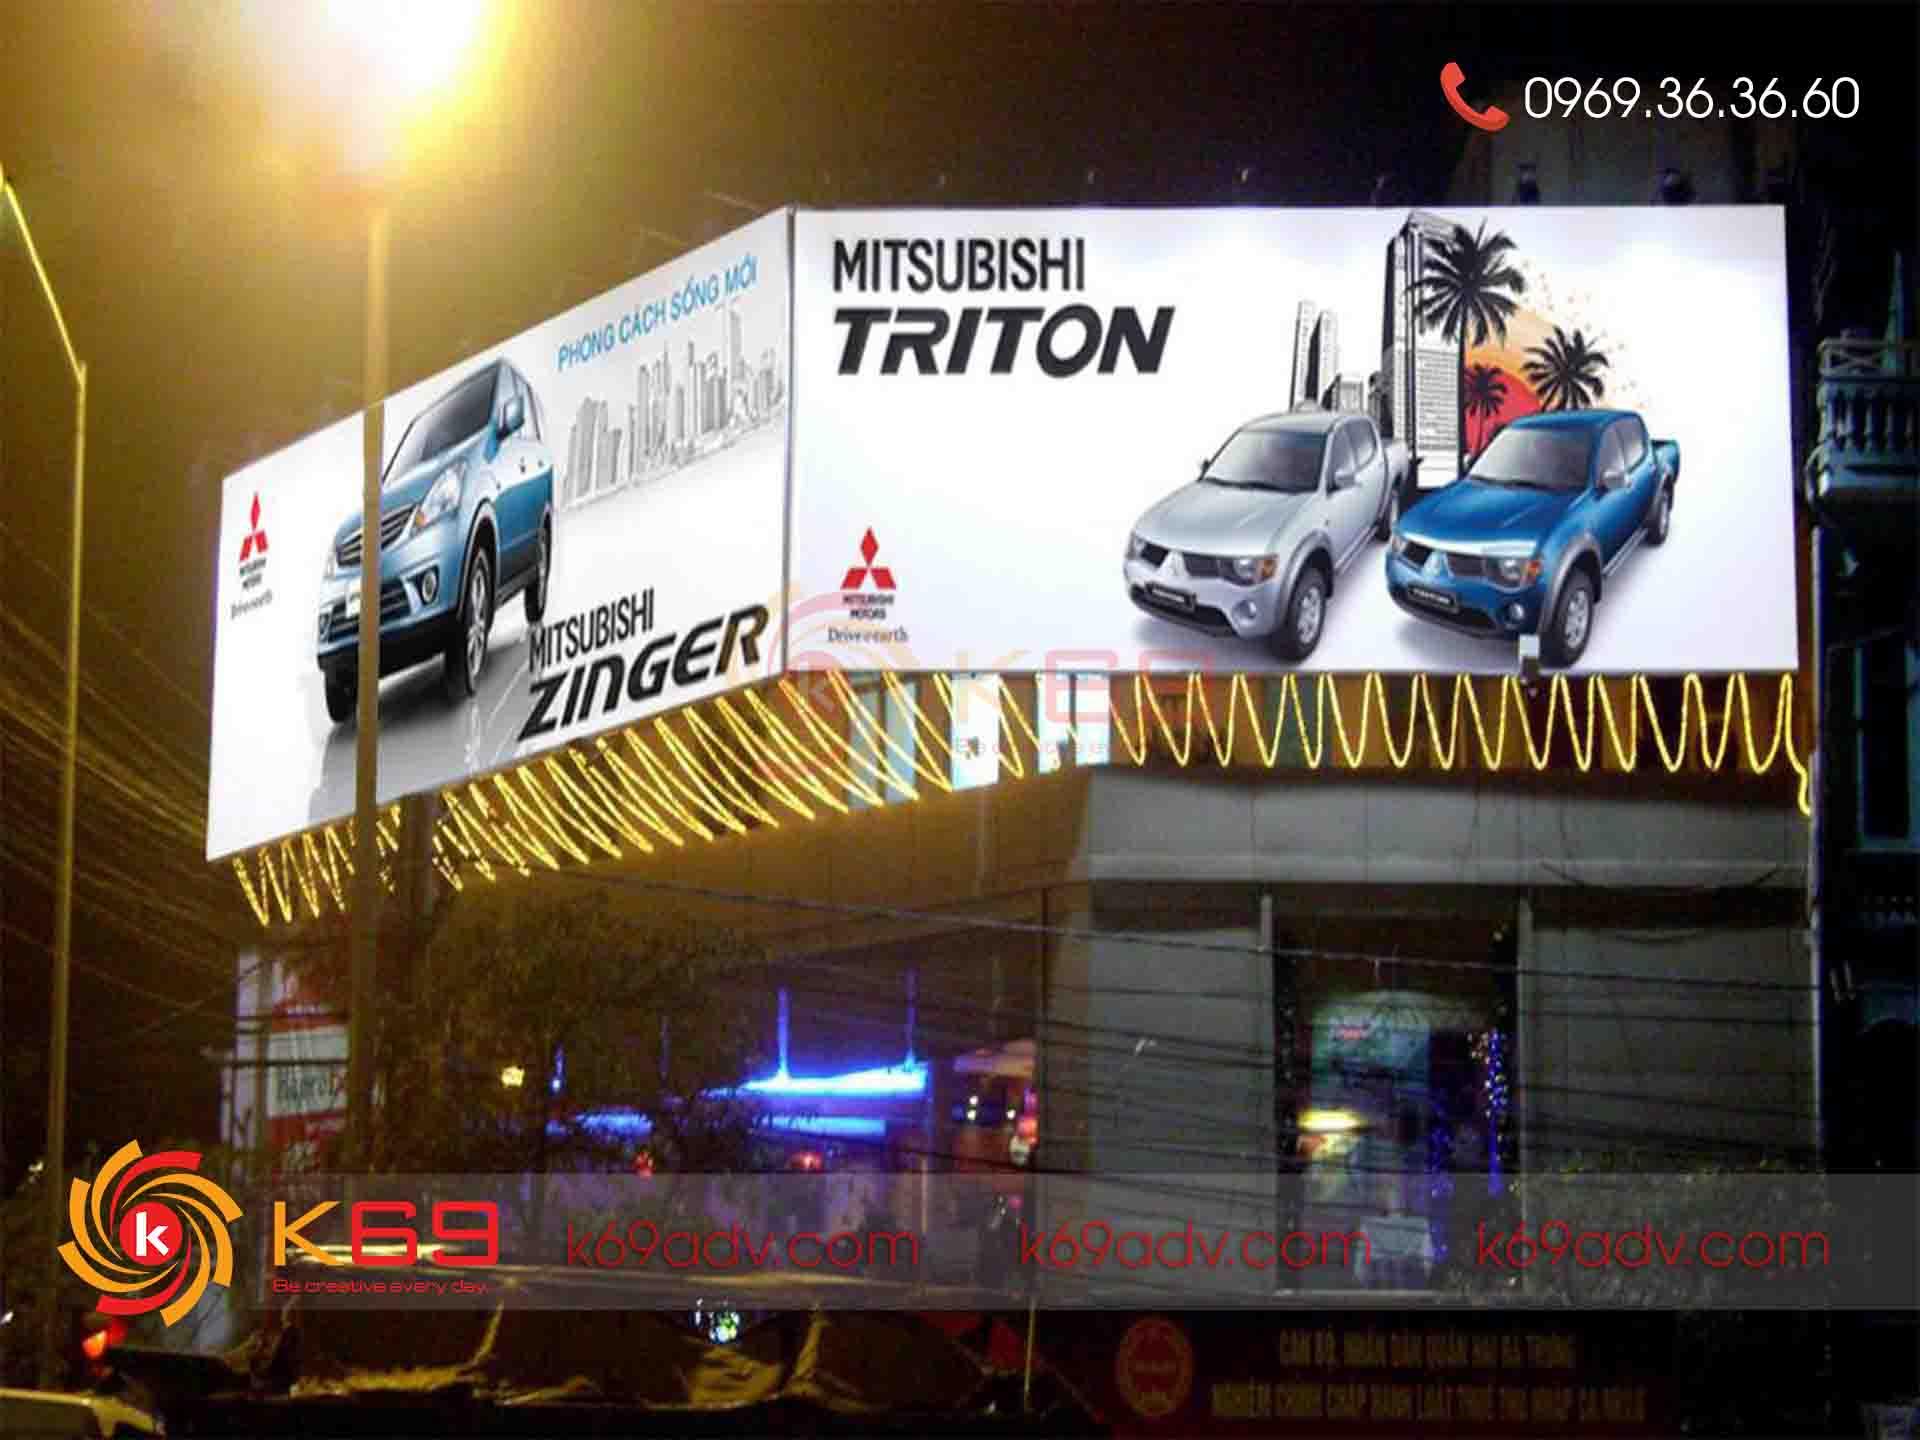 Thi công biển quảng cáo bạt Hiflex tại Cheapadv247